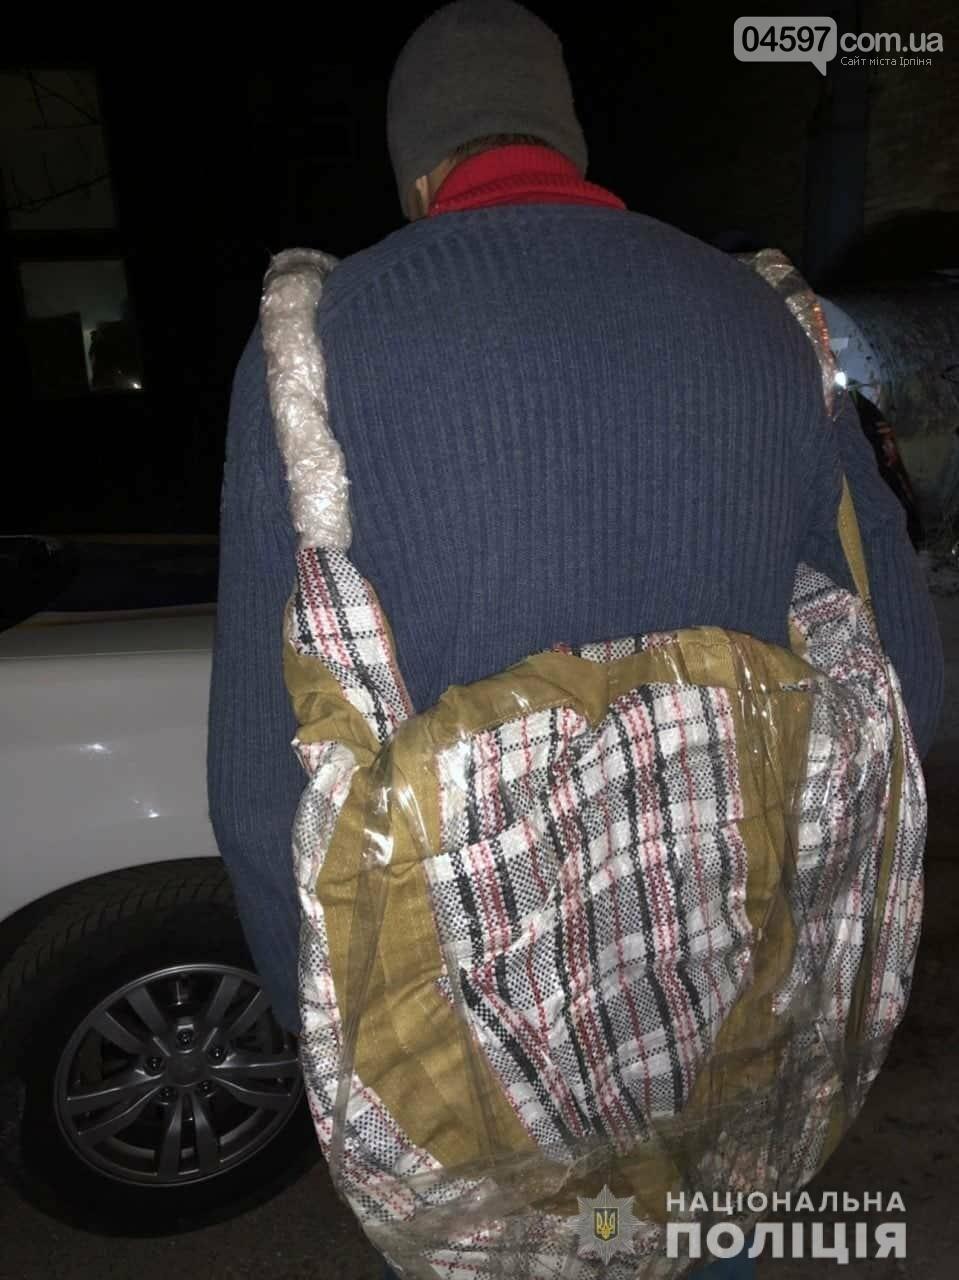 В Ірпені поліція затримала чоловіка, який заховав викрадений люк у саморобному «наплічнику», фото-1